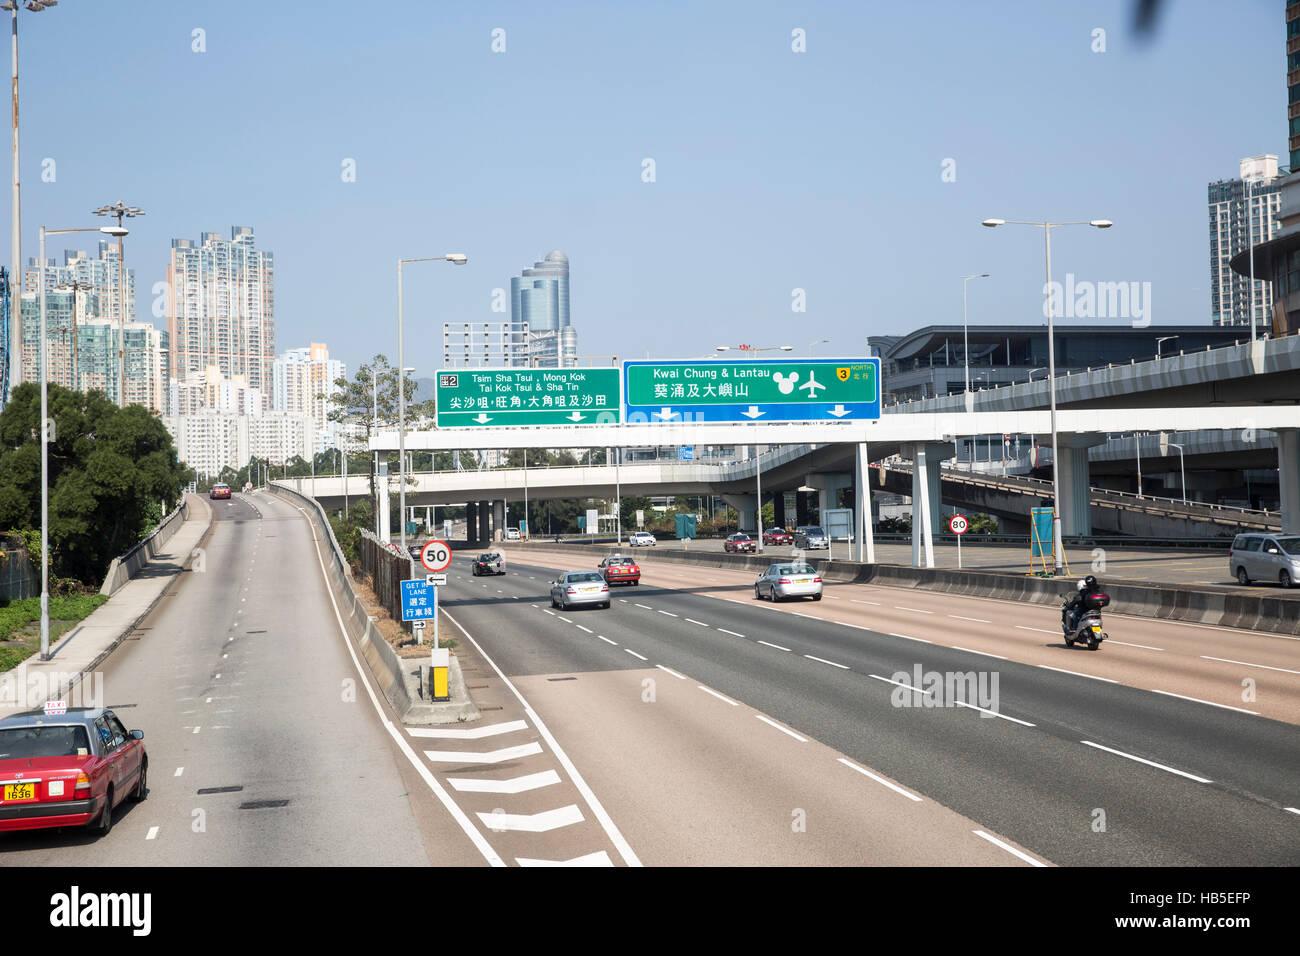 Traffic signs with English and Chinese, Hong Kong China - Stock Image